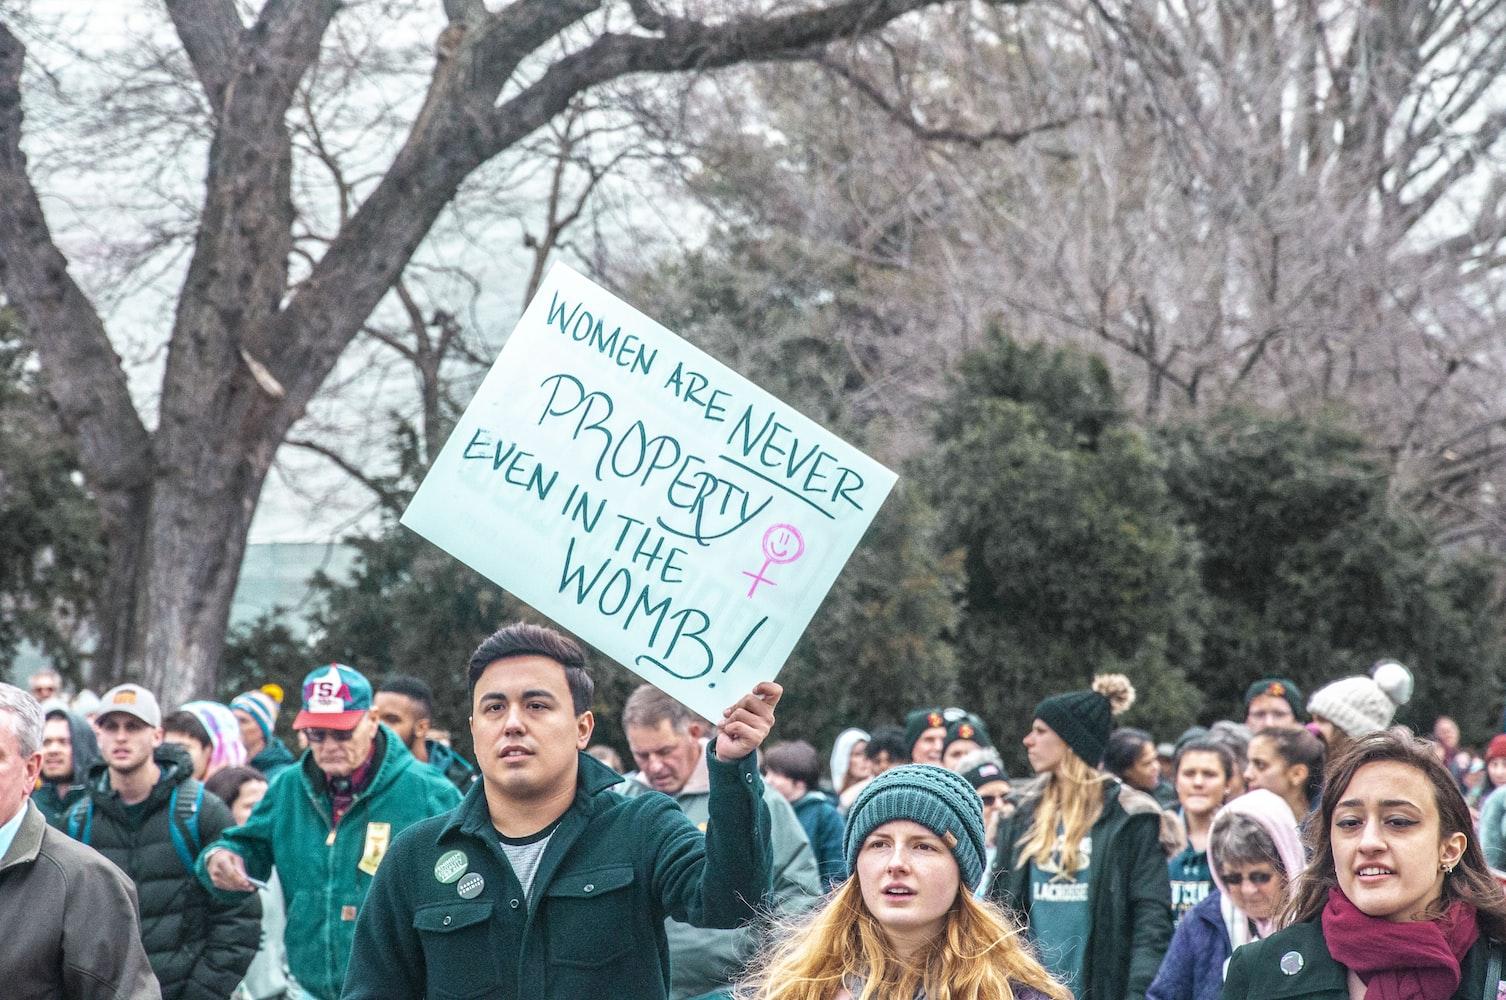 Протест против запрета абортов в мире